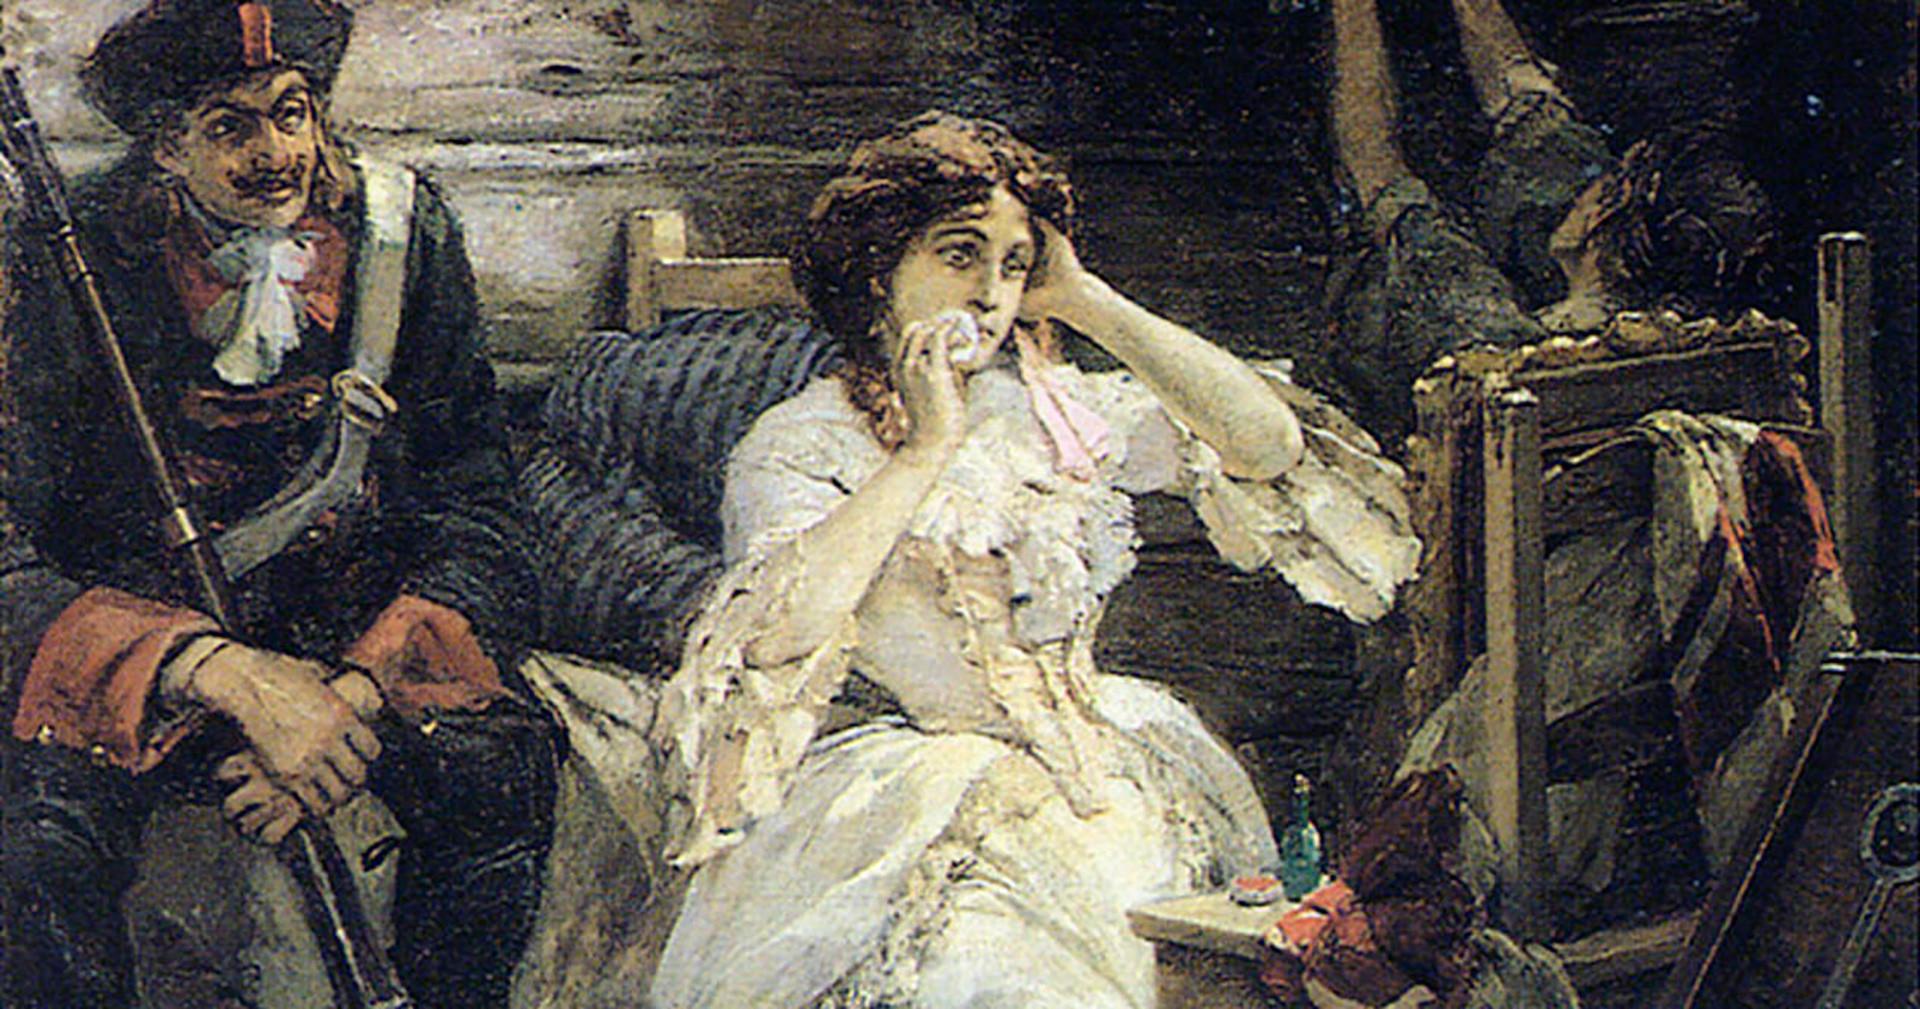 Mary Hamilton antes de su ejecución, obra de Pavel Svedomski.